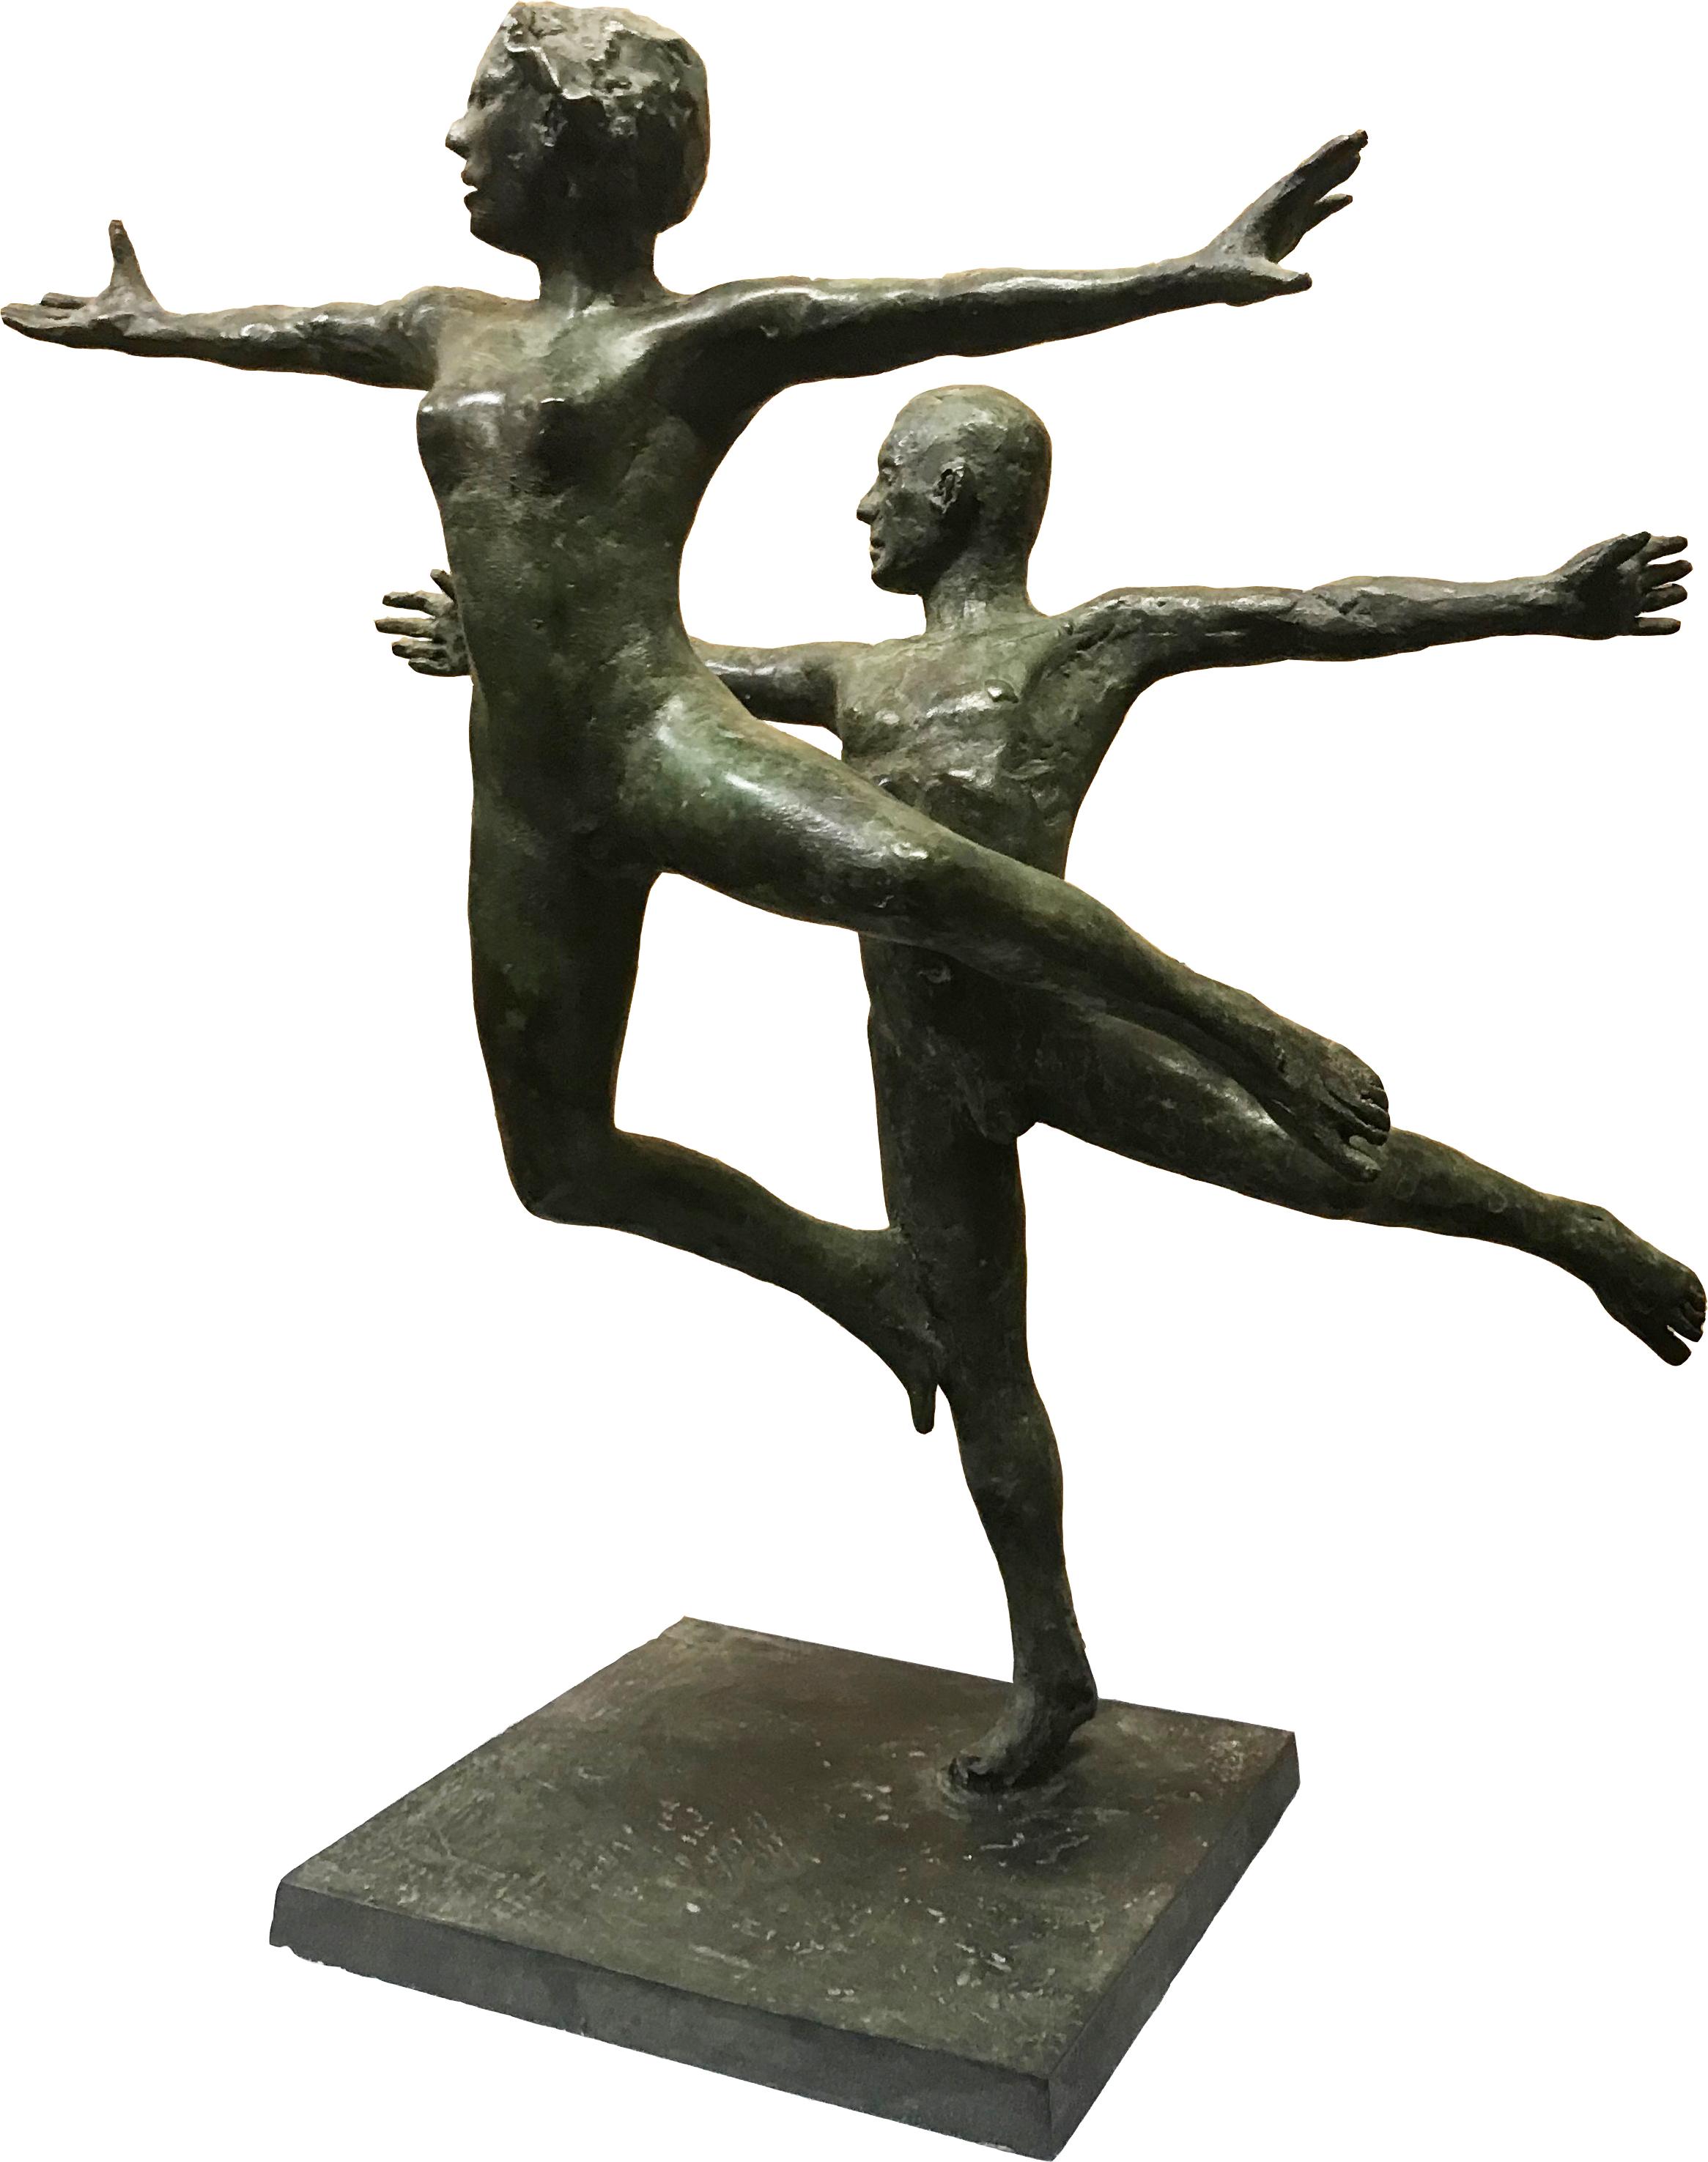 'Dancers in Air', Bronze unique, 42cm x 38cm x 18cm, E3200